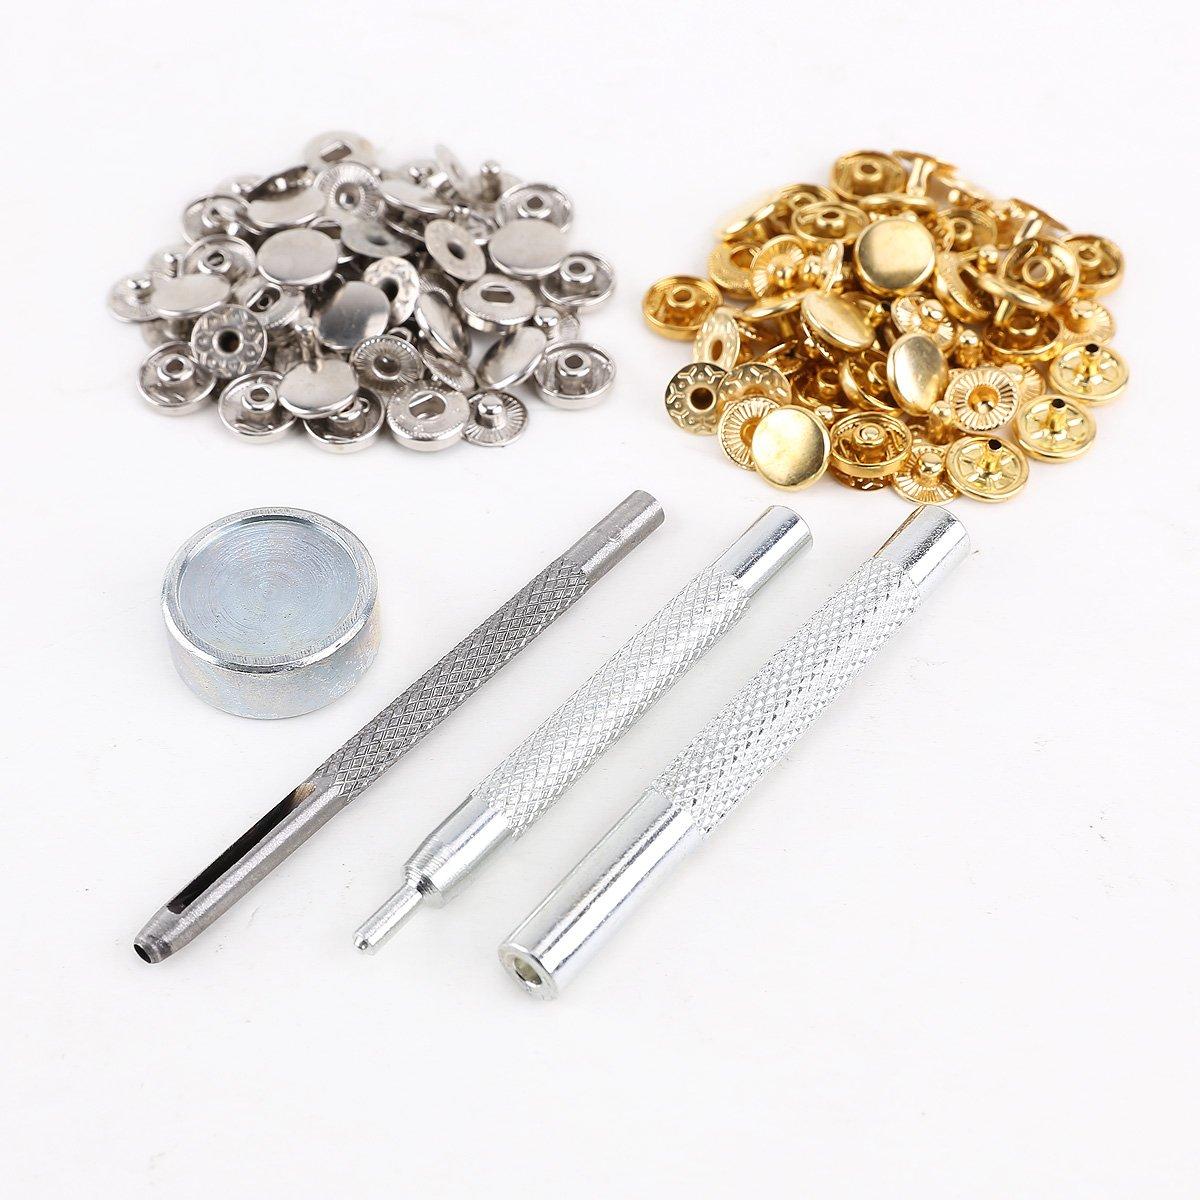 1 unidades elegante diseñador de botones de oro Oval Diamonte Artesanía Vestido haciendo